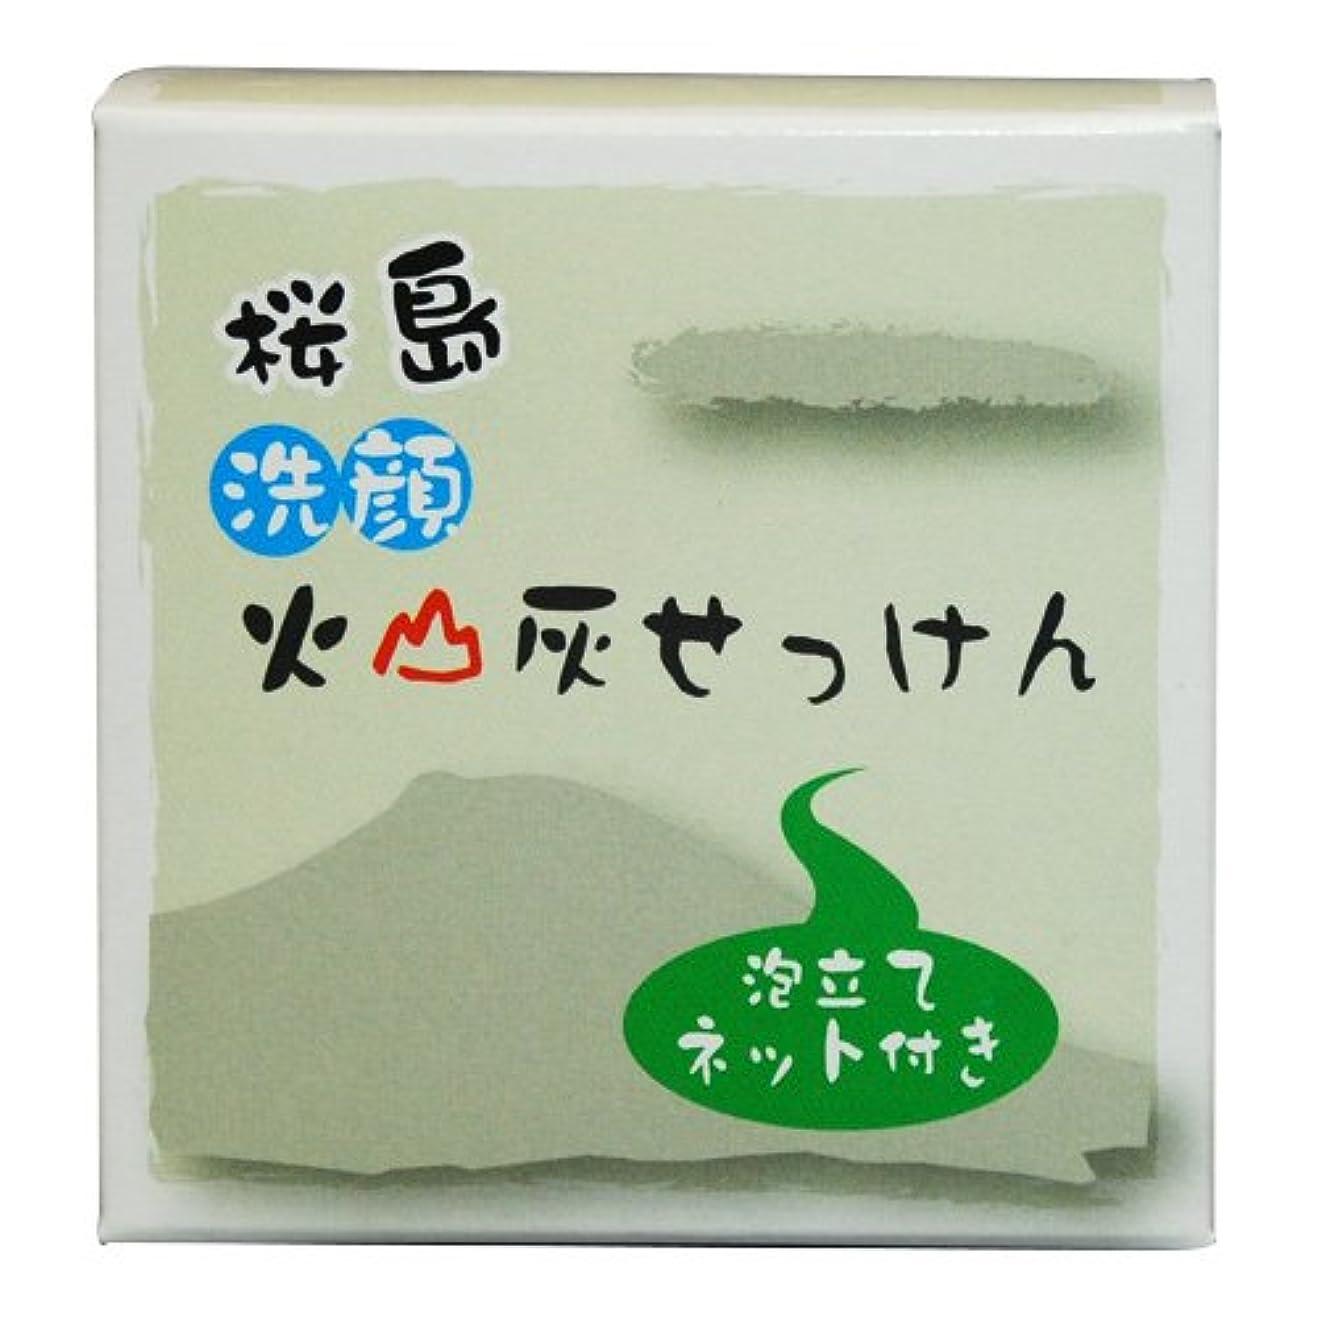 資源思い出させる書き込み桜島洗顔火山灰せっけん(泡立てネット付き)